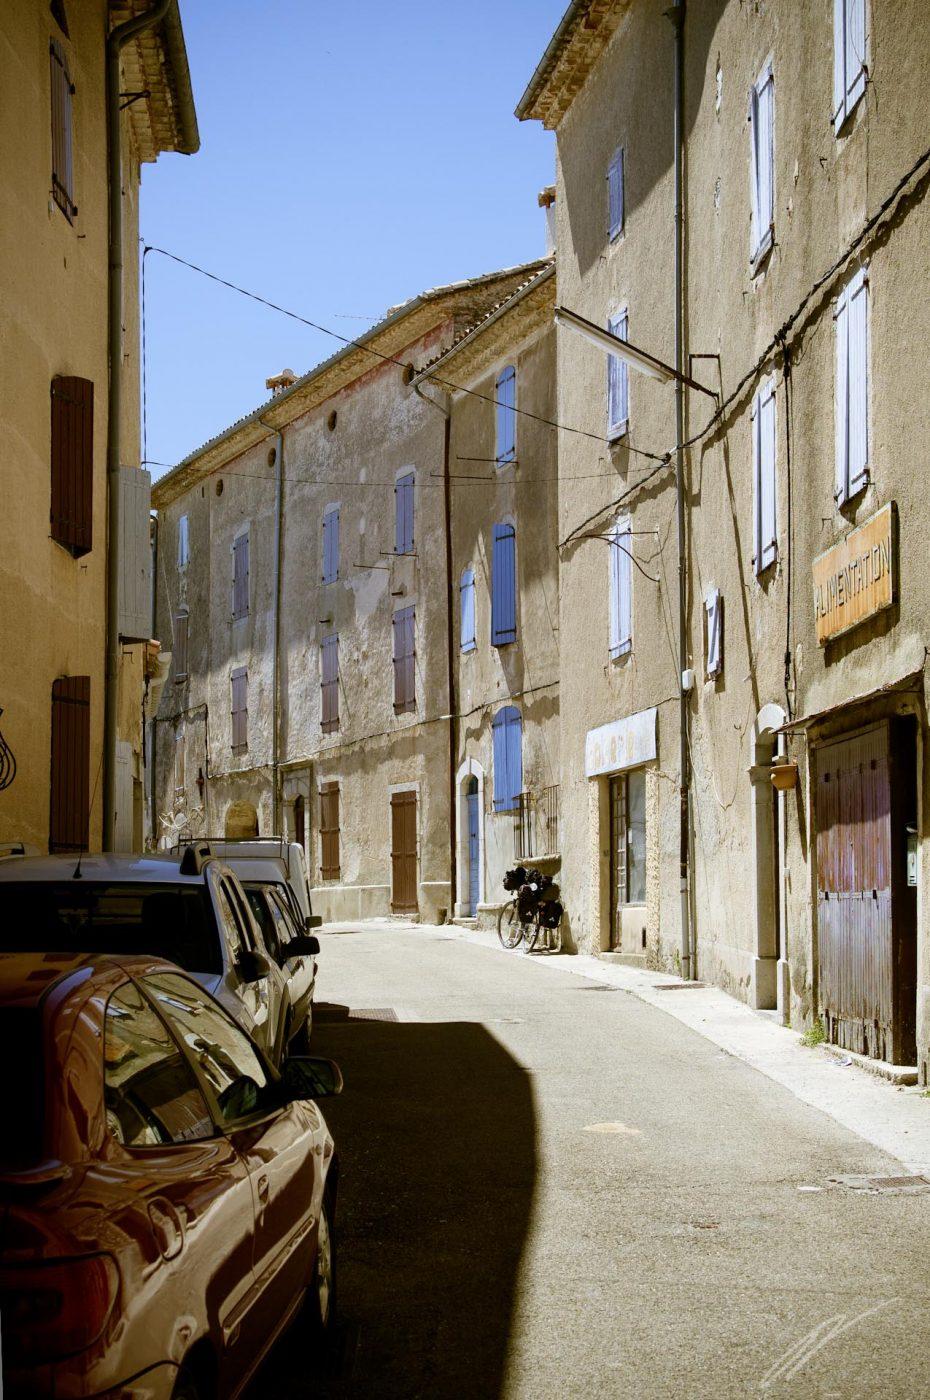 kleine Straße mit bunten Fensterläden